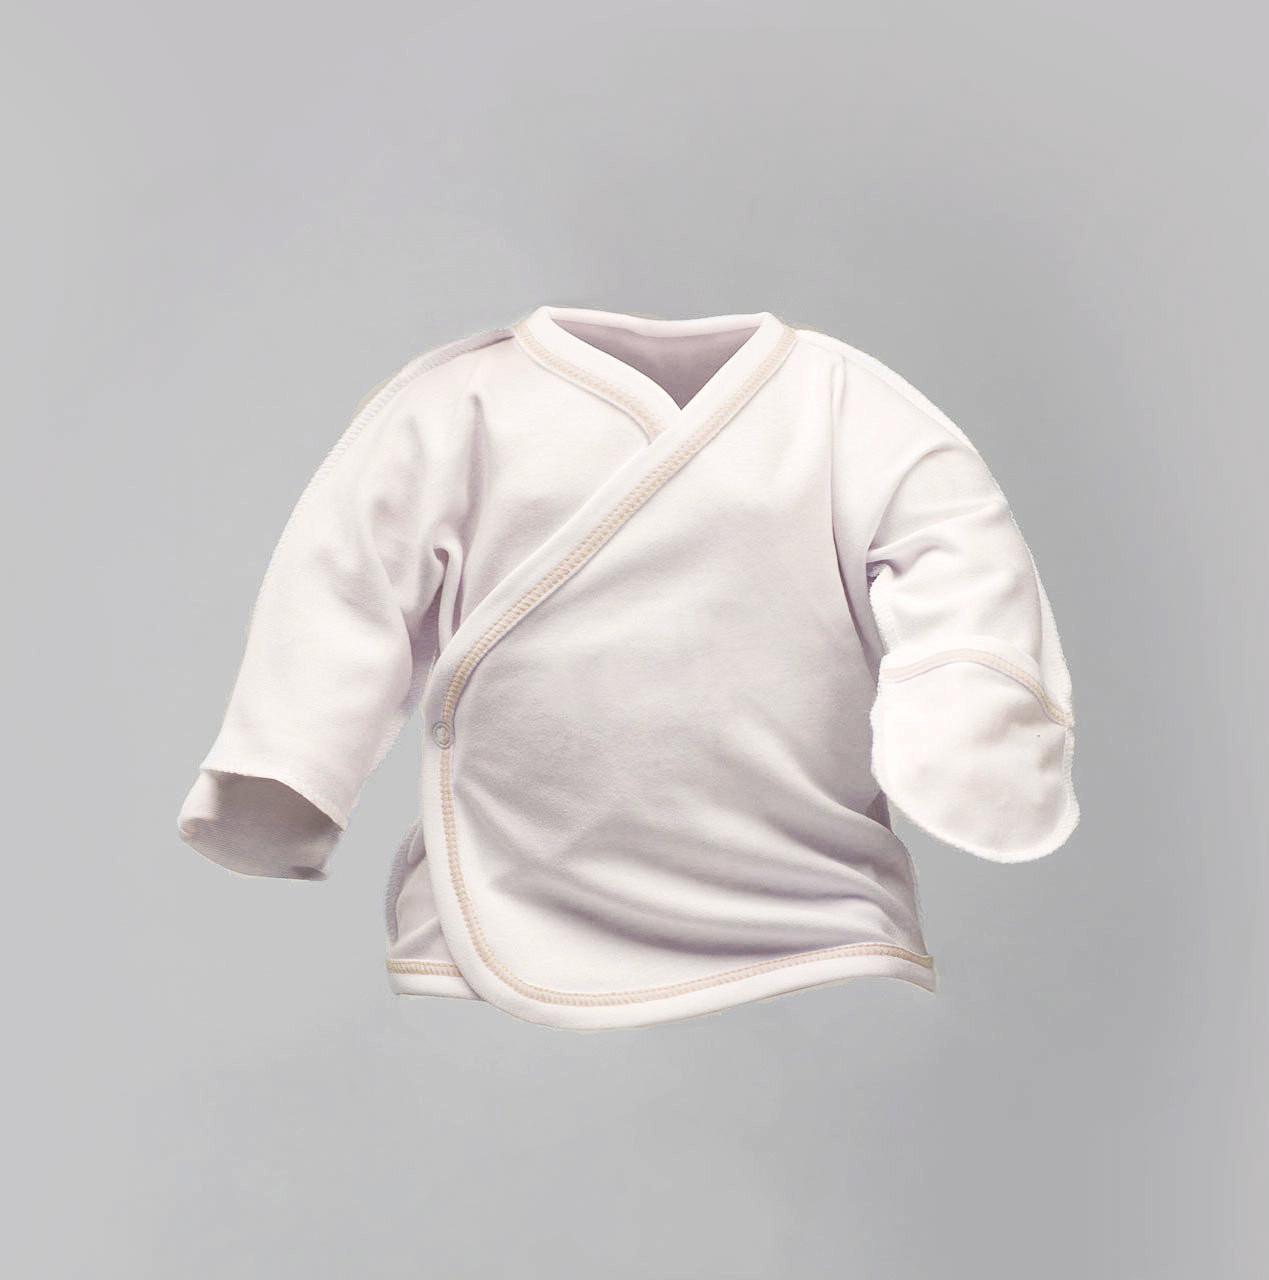 Распашонка для новорожденных отстроченная нитью капучино, цвет масло Интерлок  |  Льоля для новонароджених